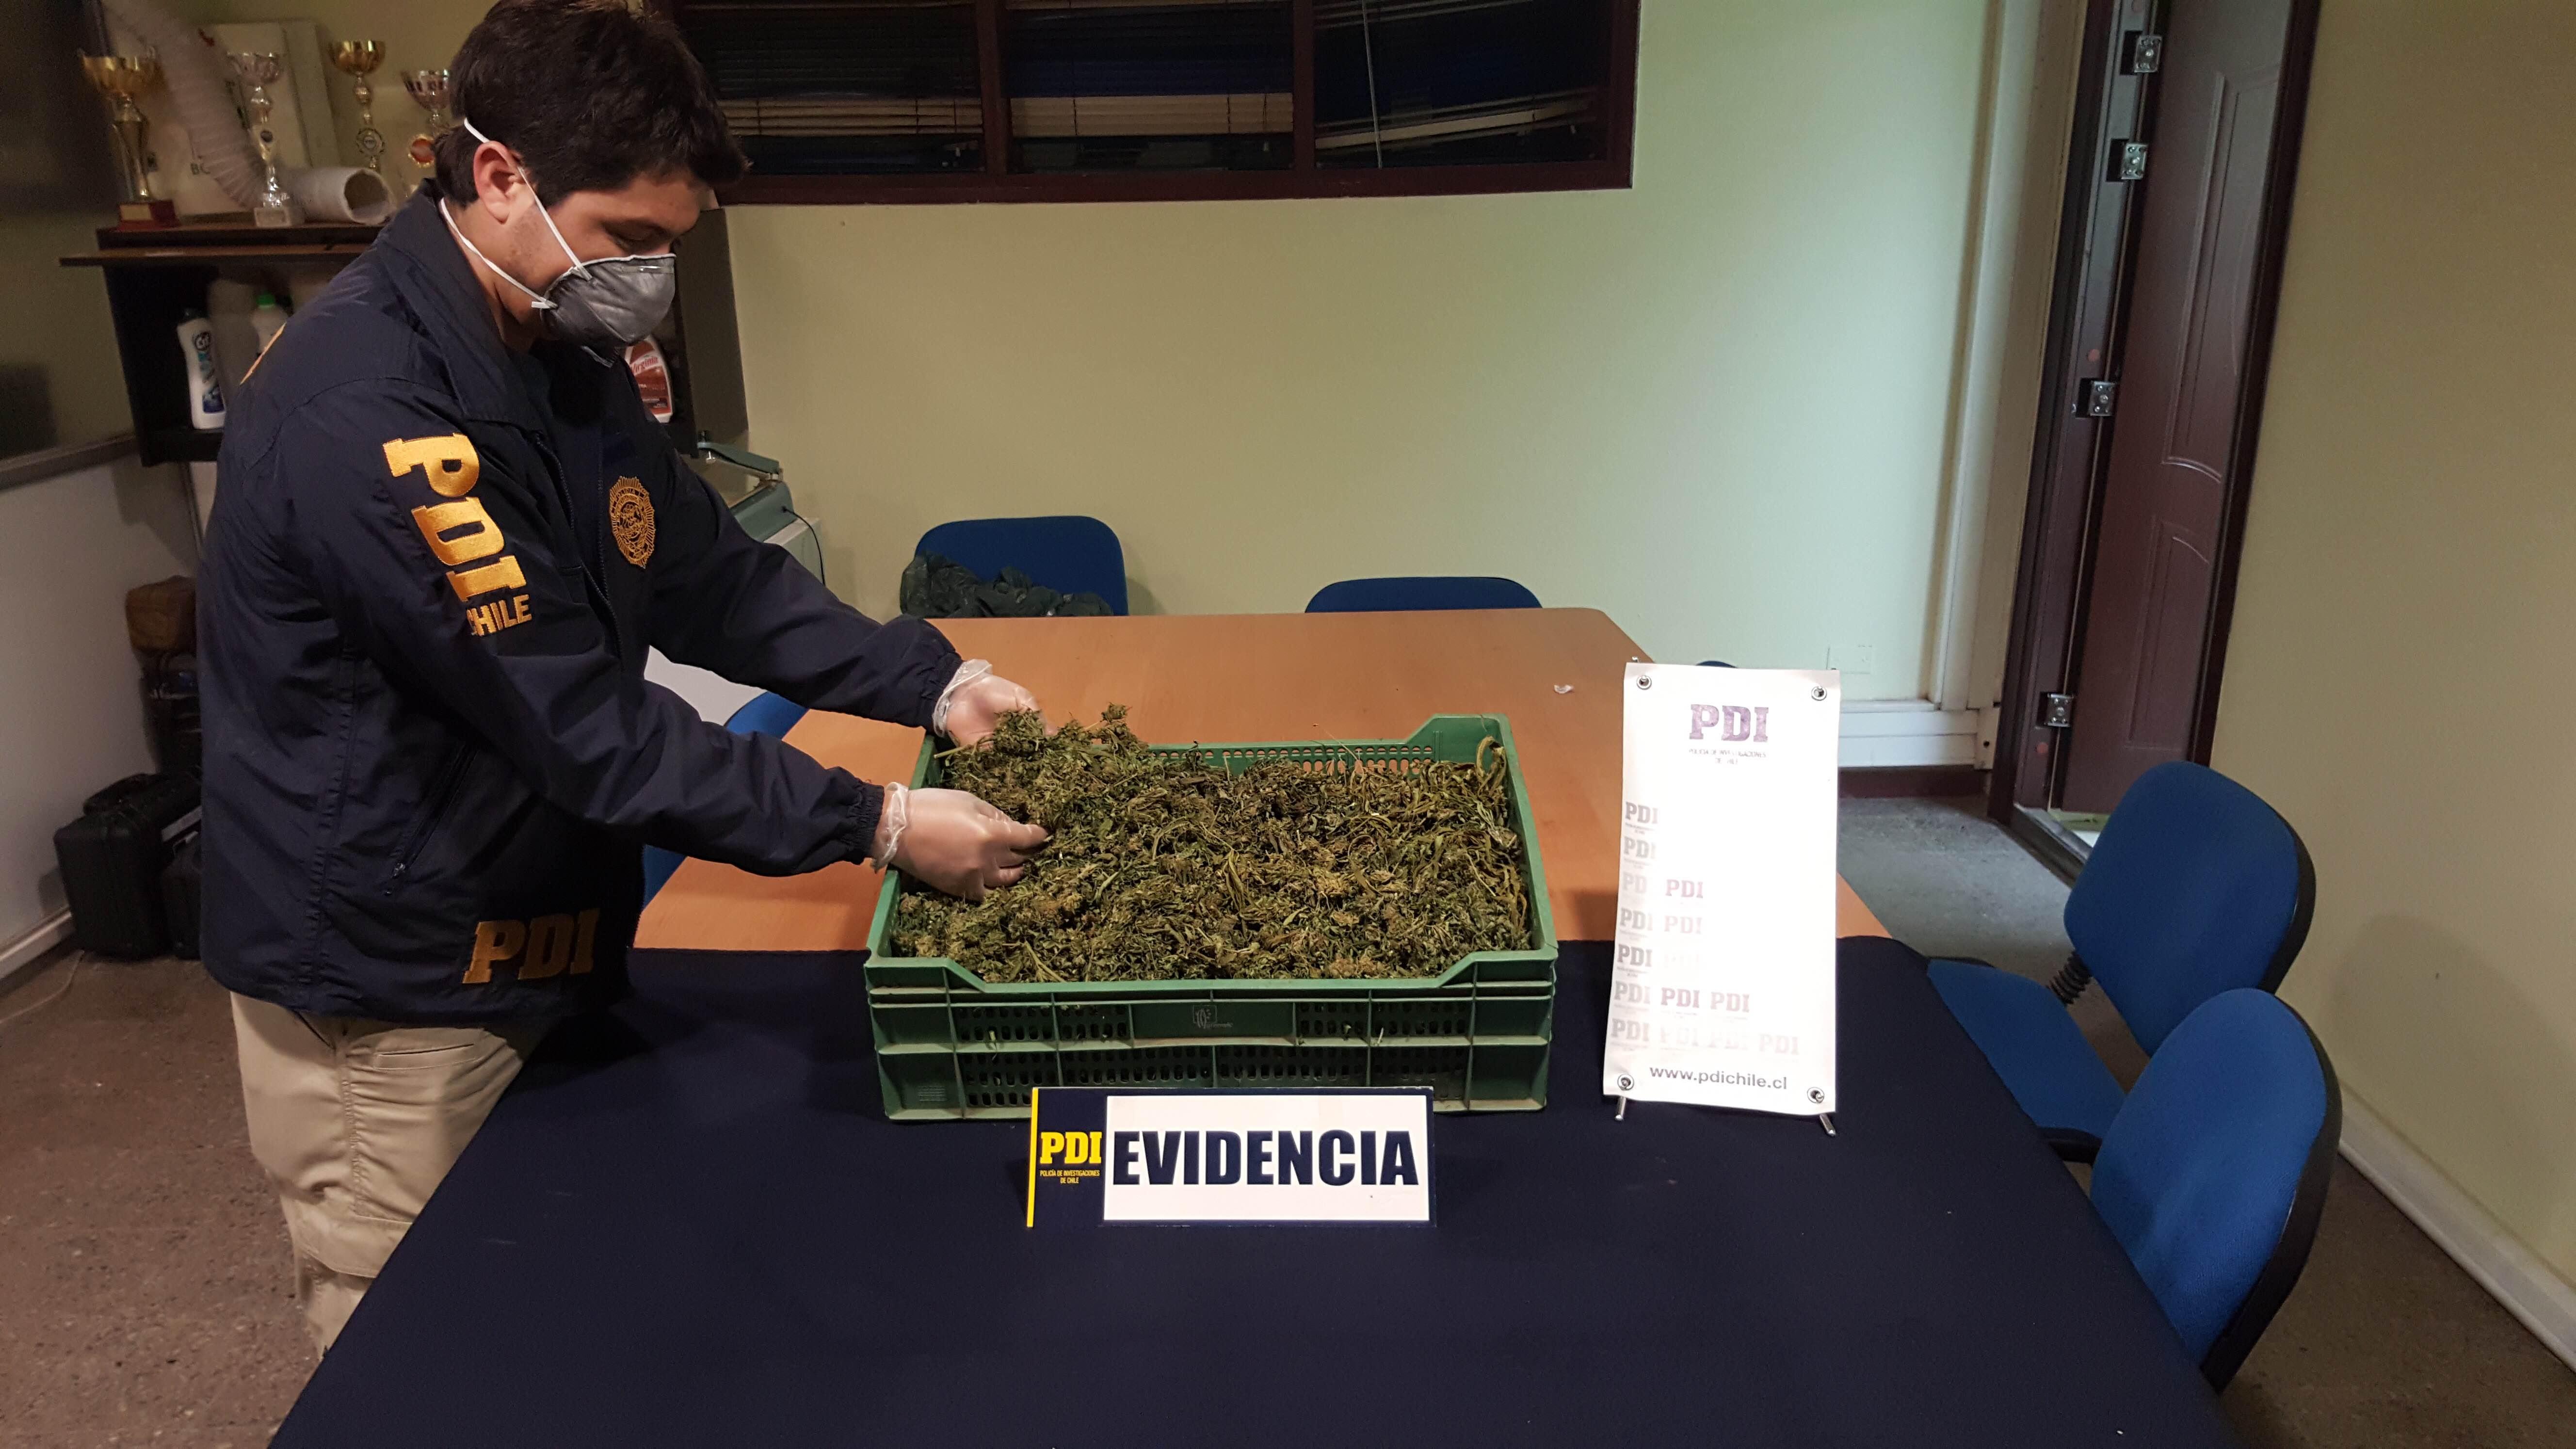 PDI incautó más de un kilo de cannabis tras control en terminal de buses